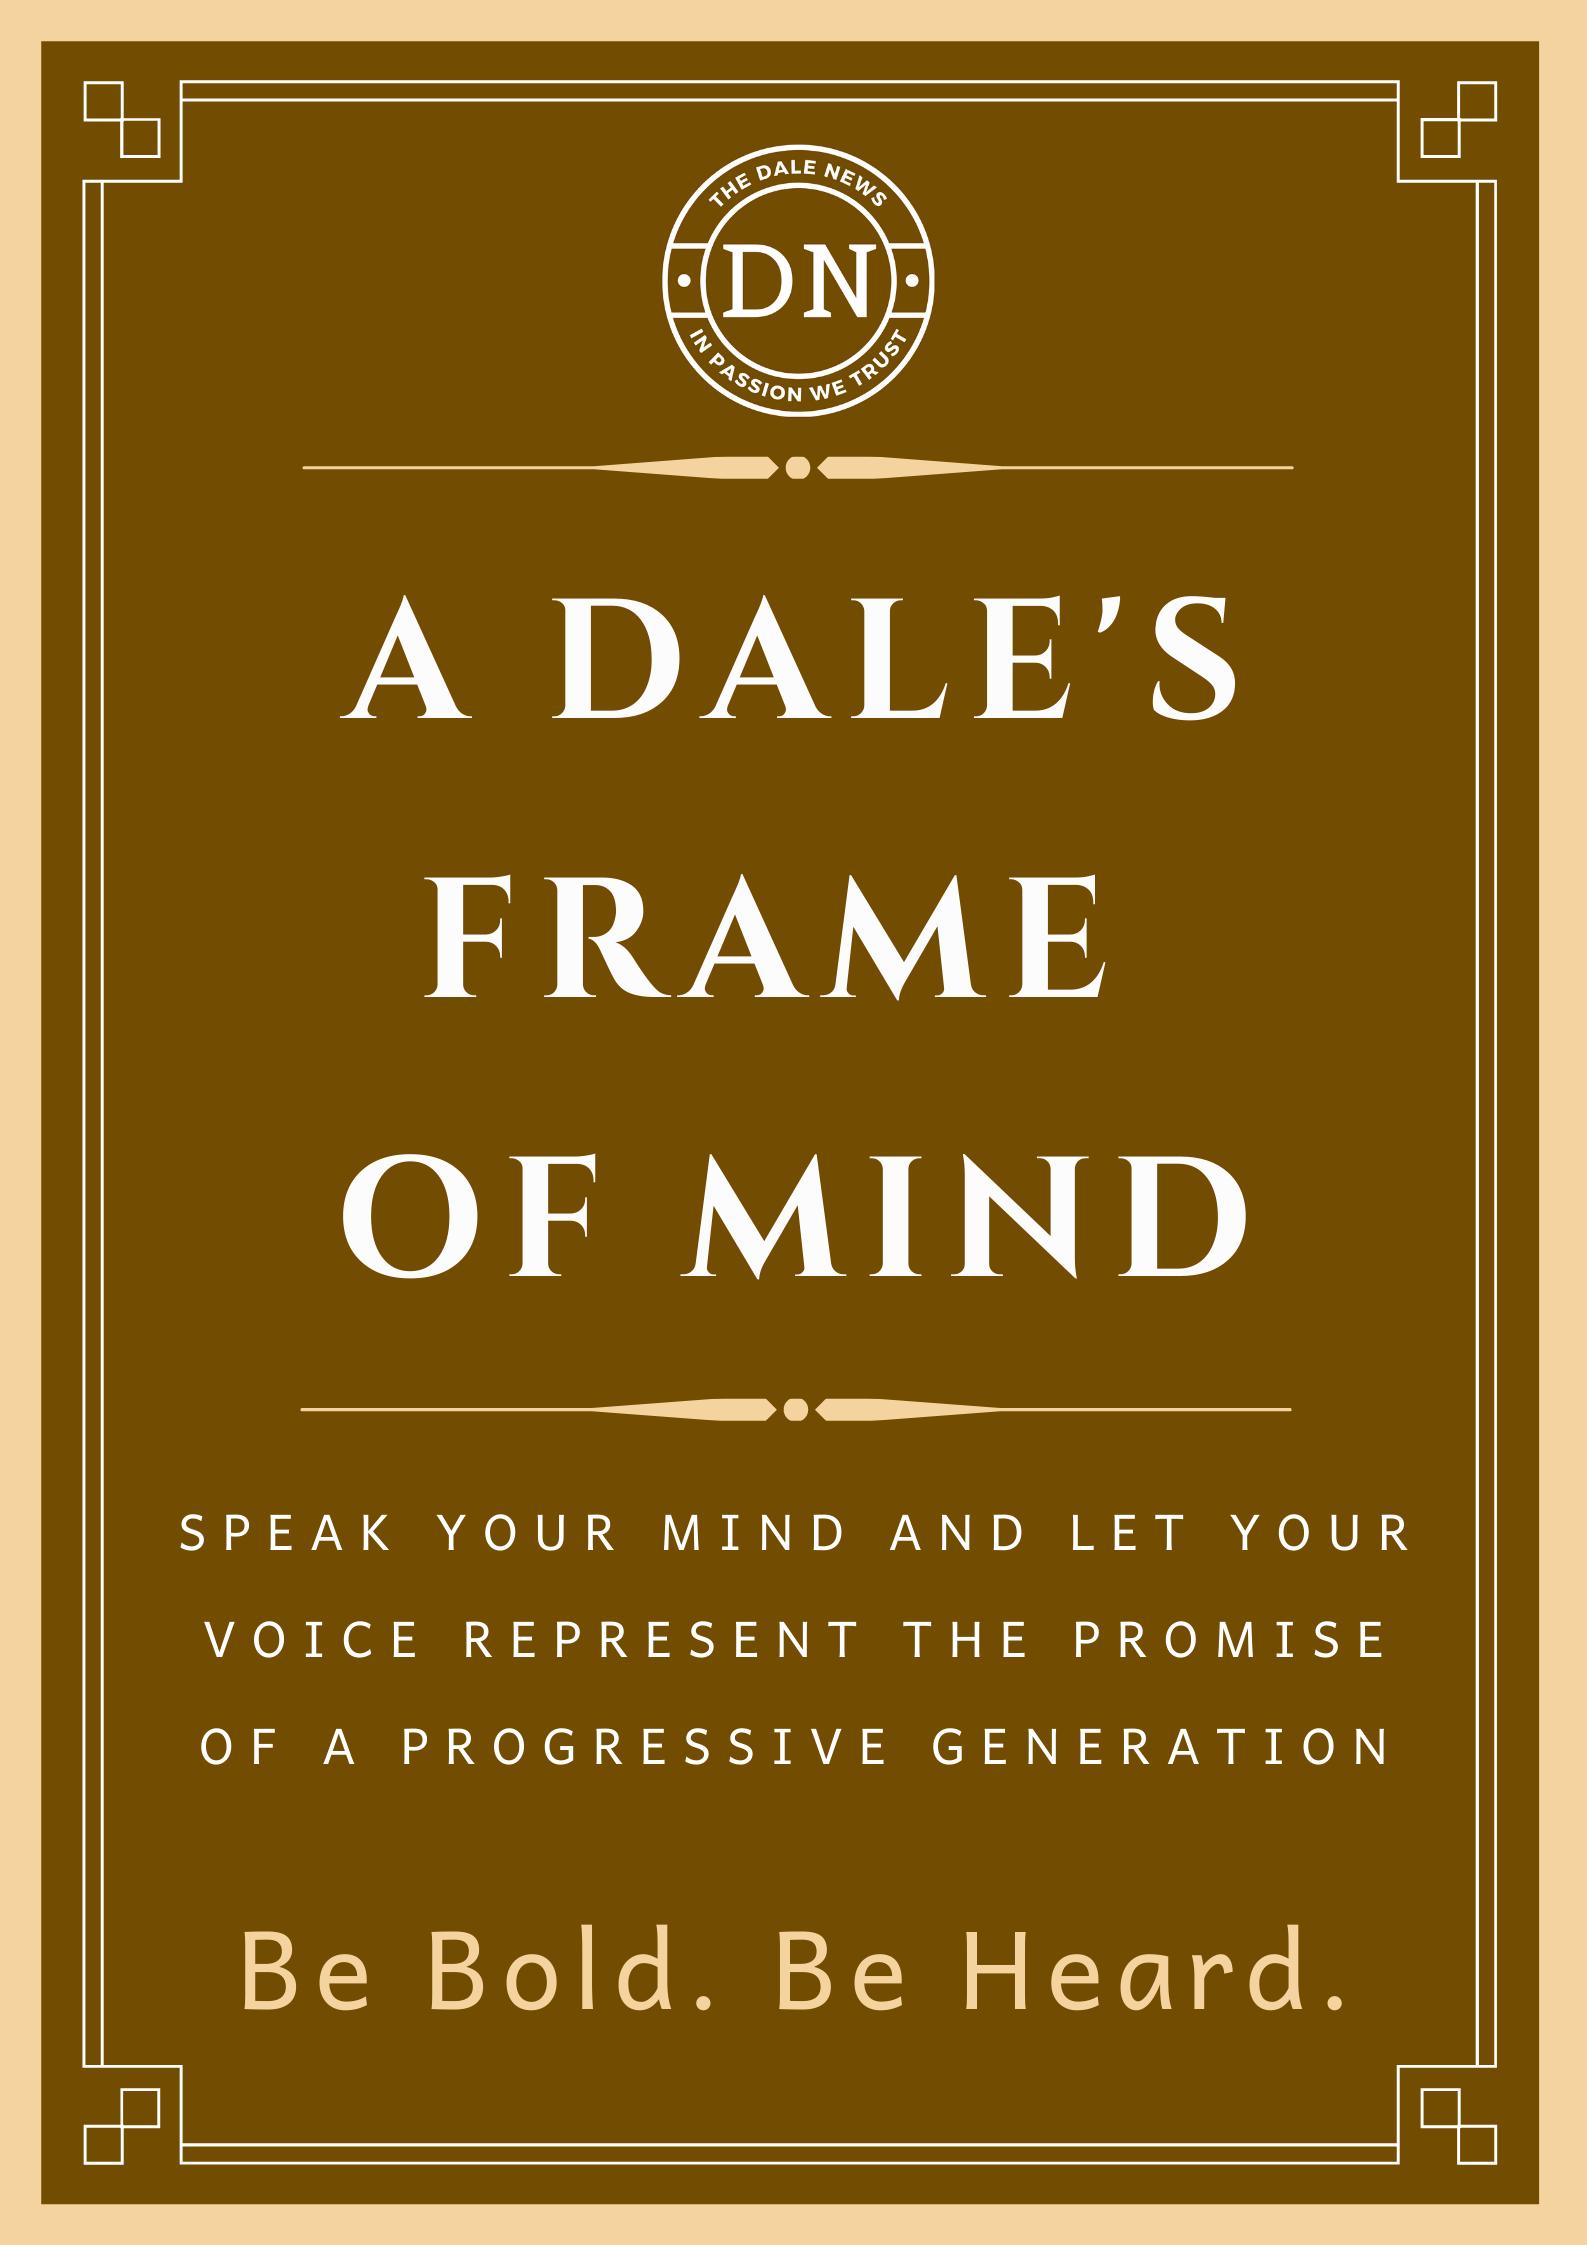 DN 2021 Frame of Mind